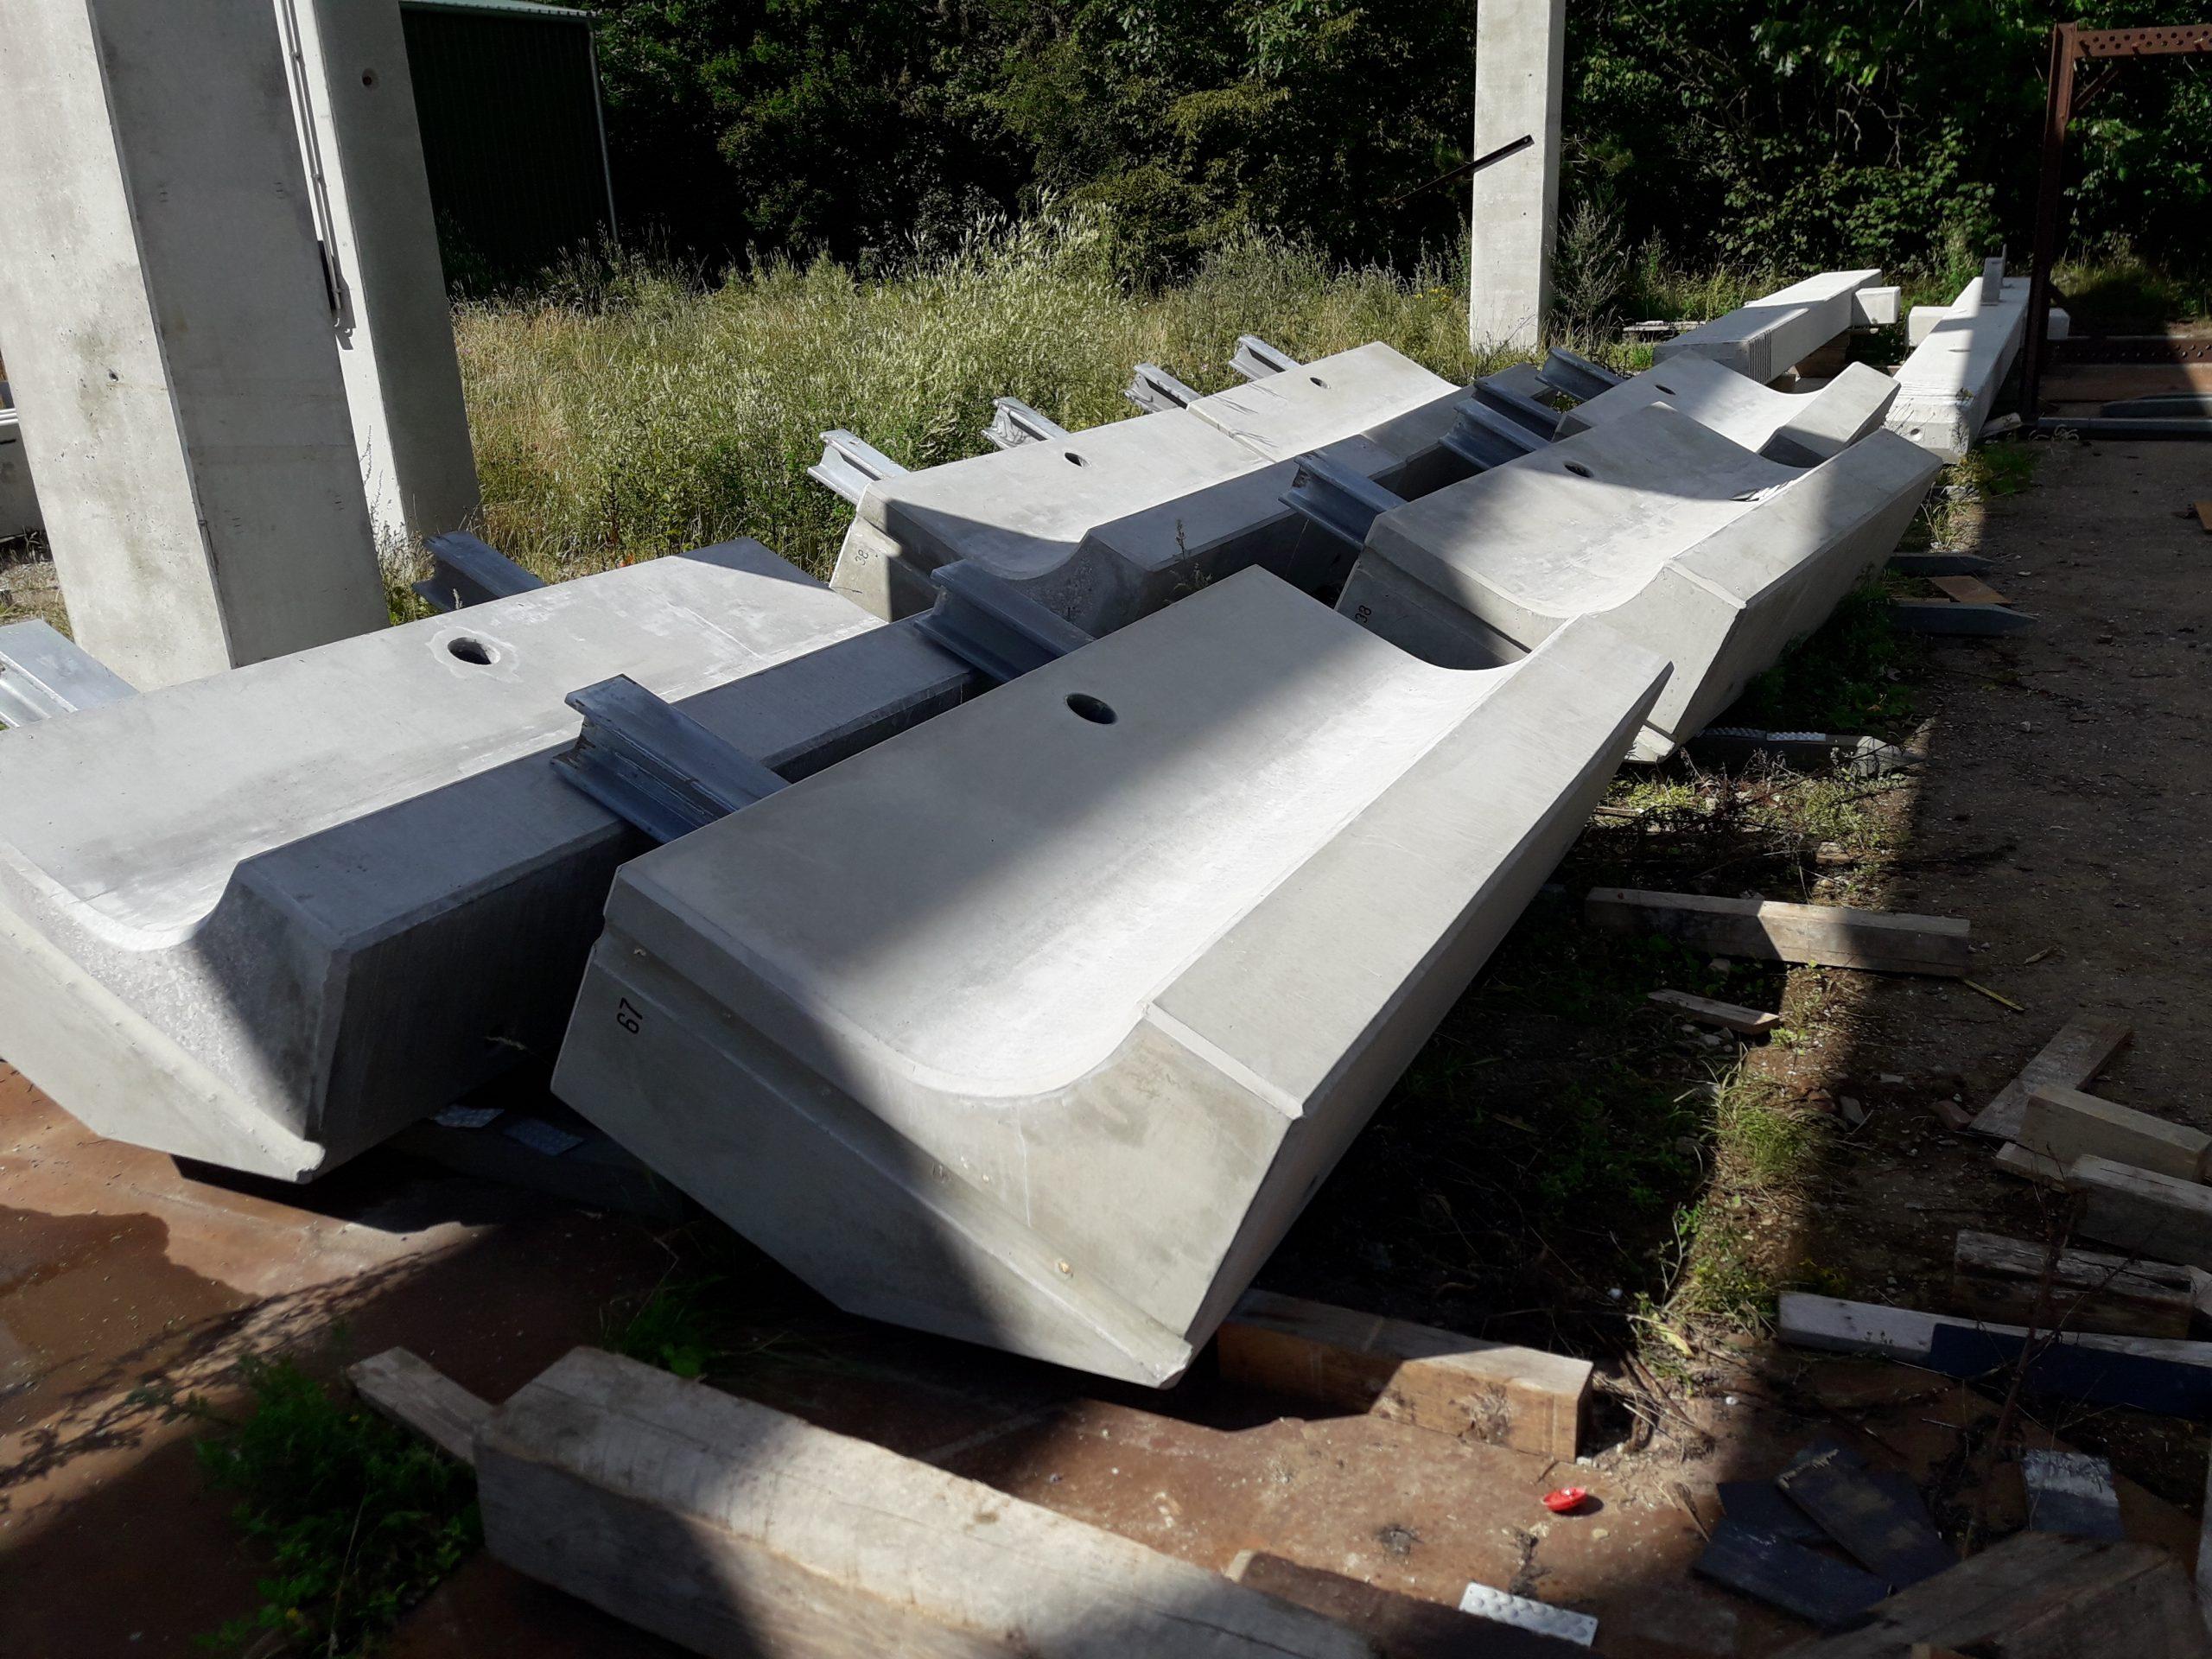 58 Stahlbeton-Wandkopffertigteile je 3t, 2,40 m breit, 1,05m hoch